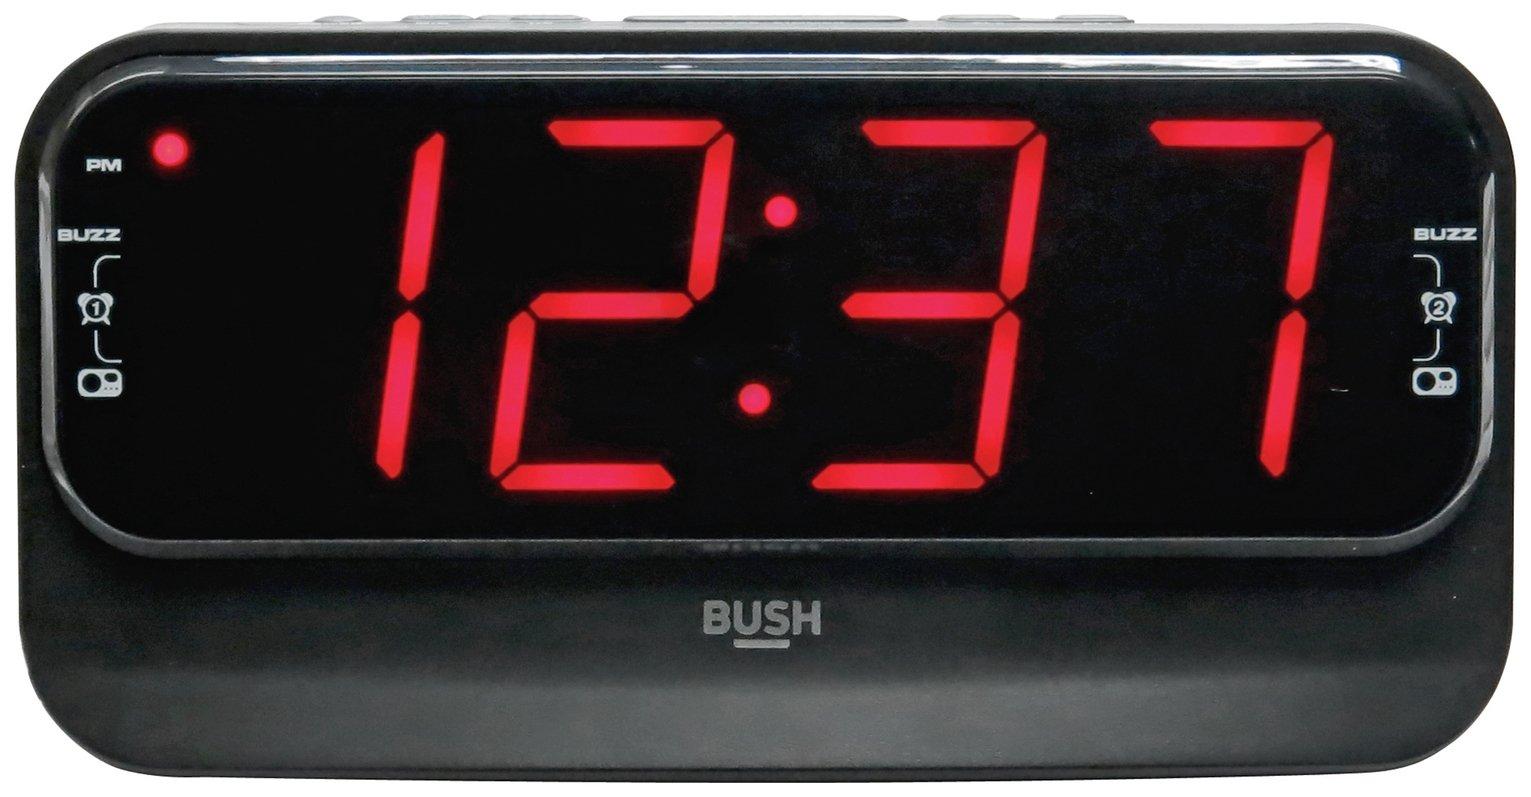 Bush Big LED Alarm Clock Radio - Black